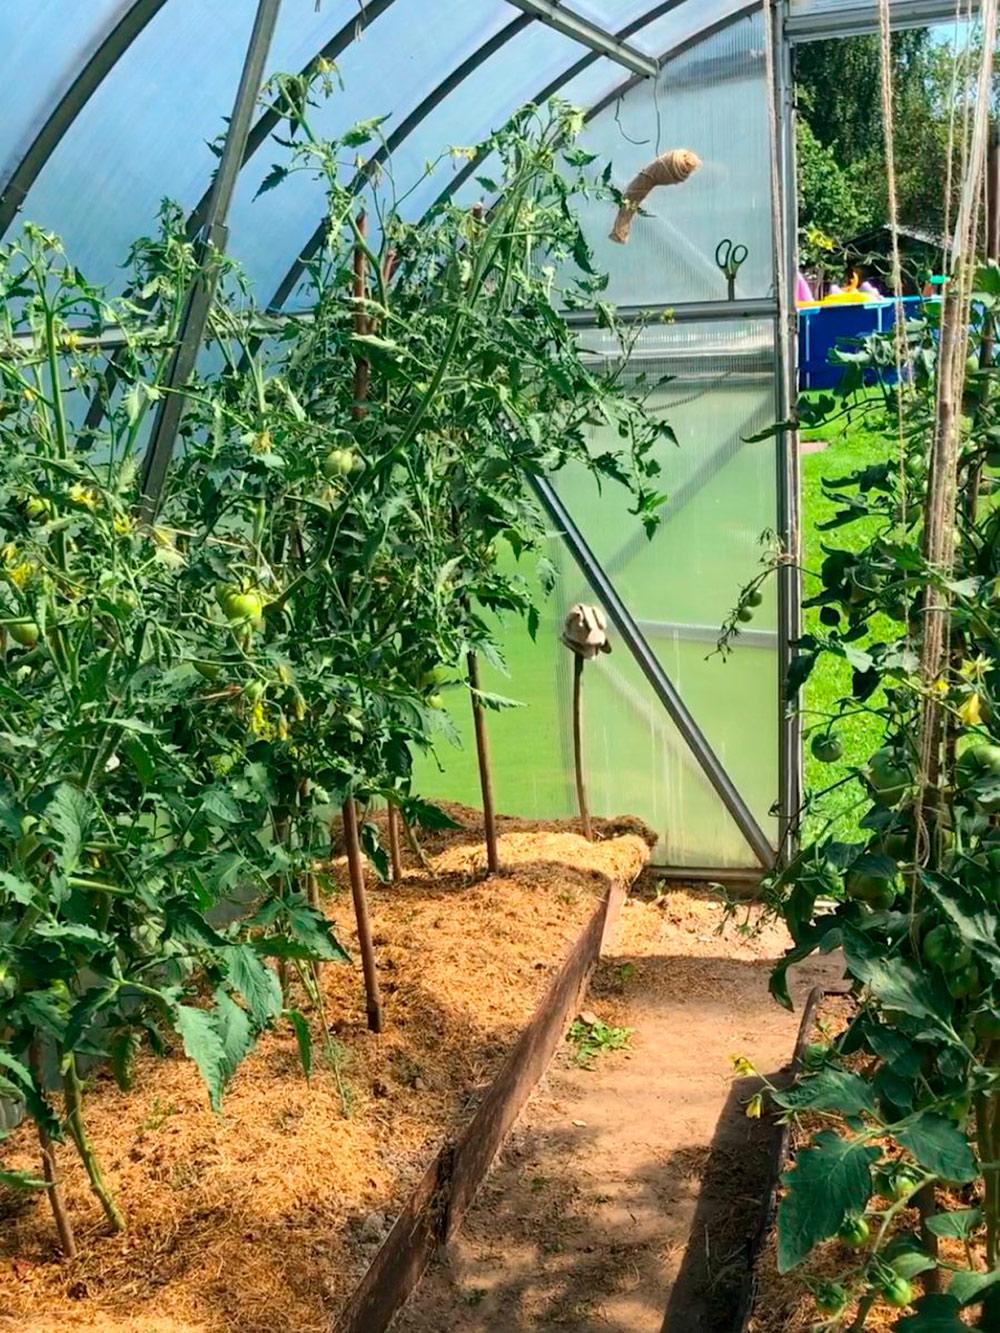 Парник с помидорами в деревне. Эти помидоры — самые вкусные и ароматные